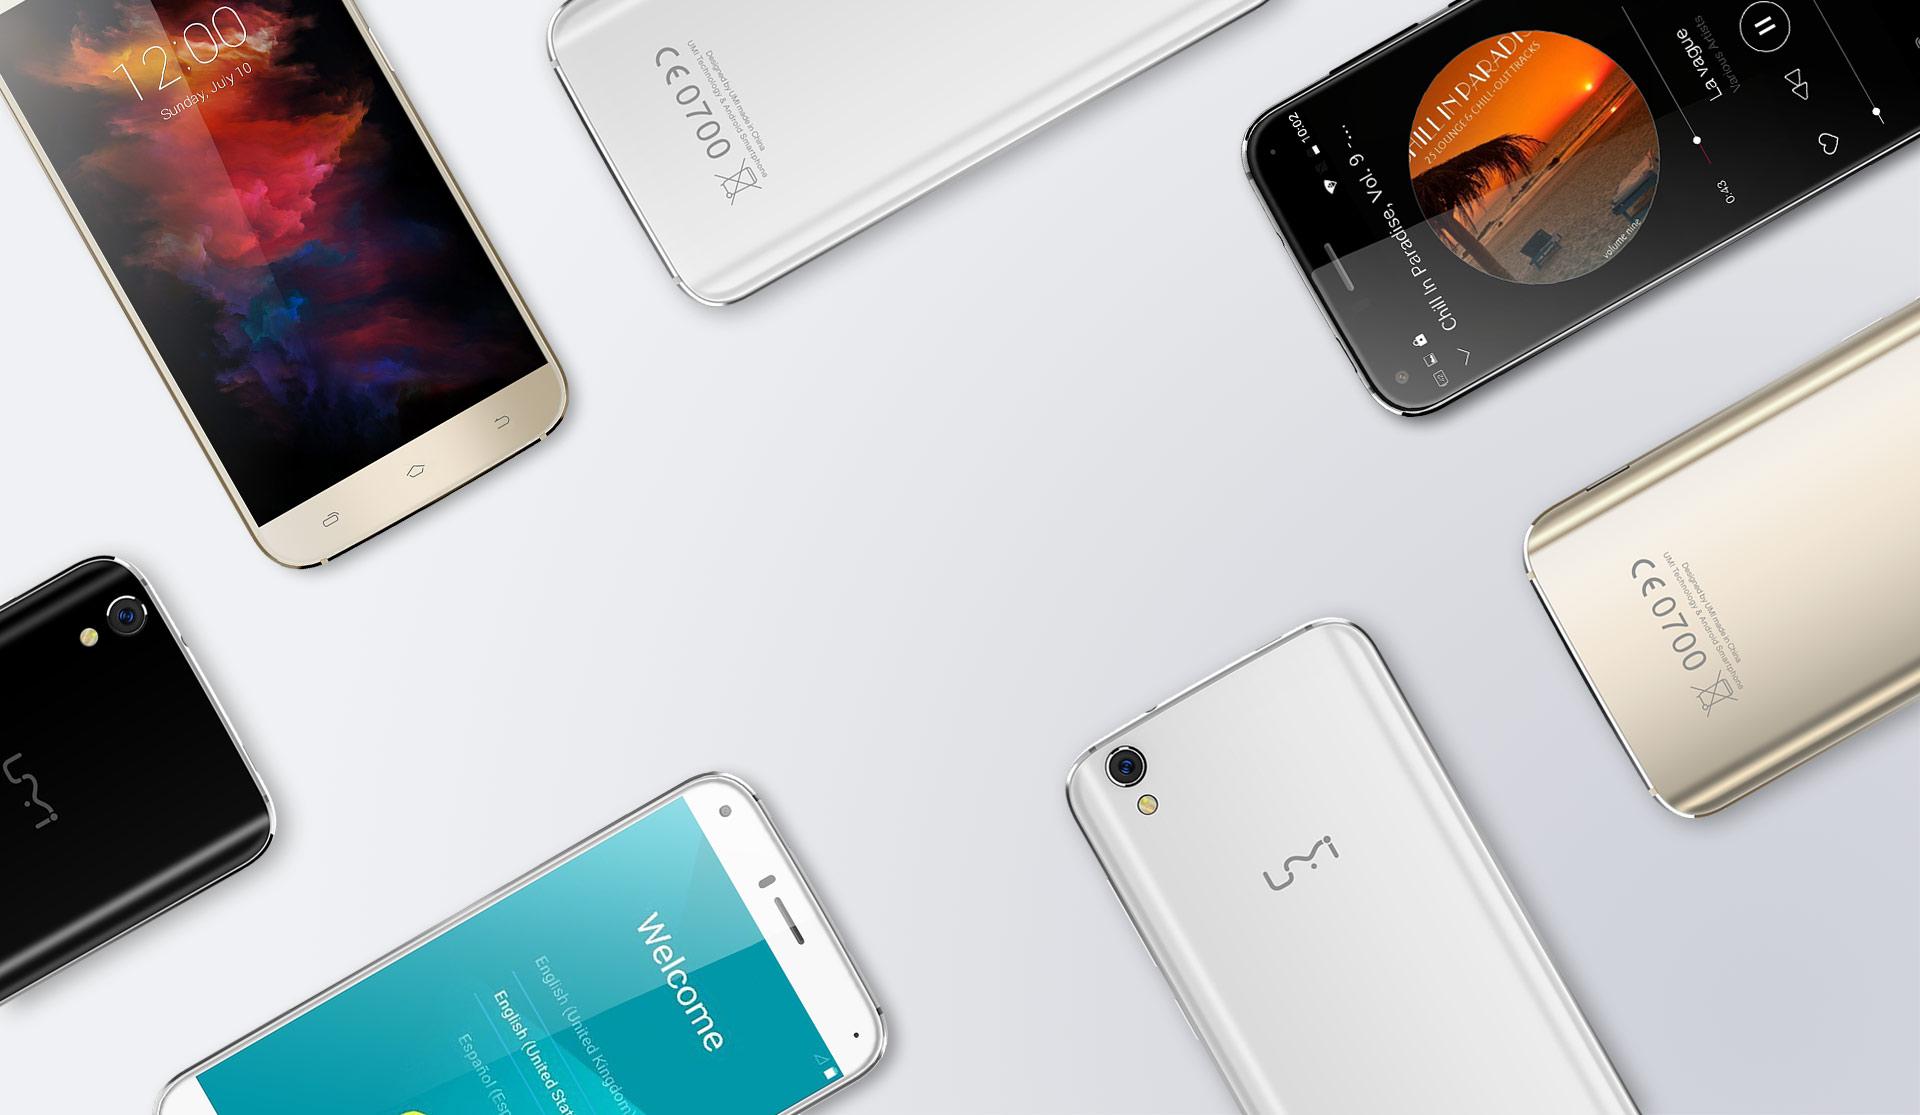 UMI Diamond et Diamond X : des smartphones renforcés et élégants